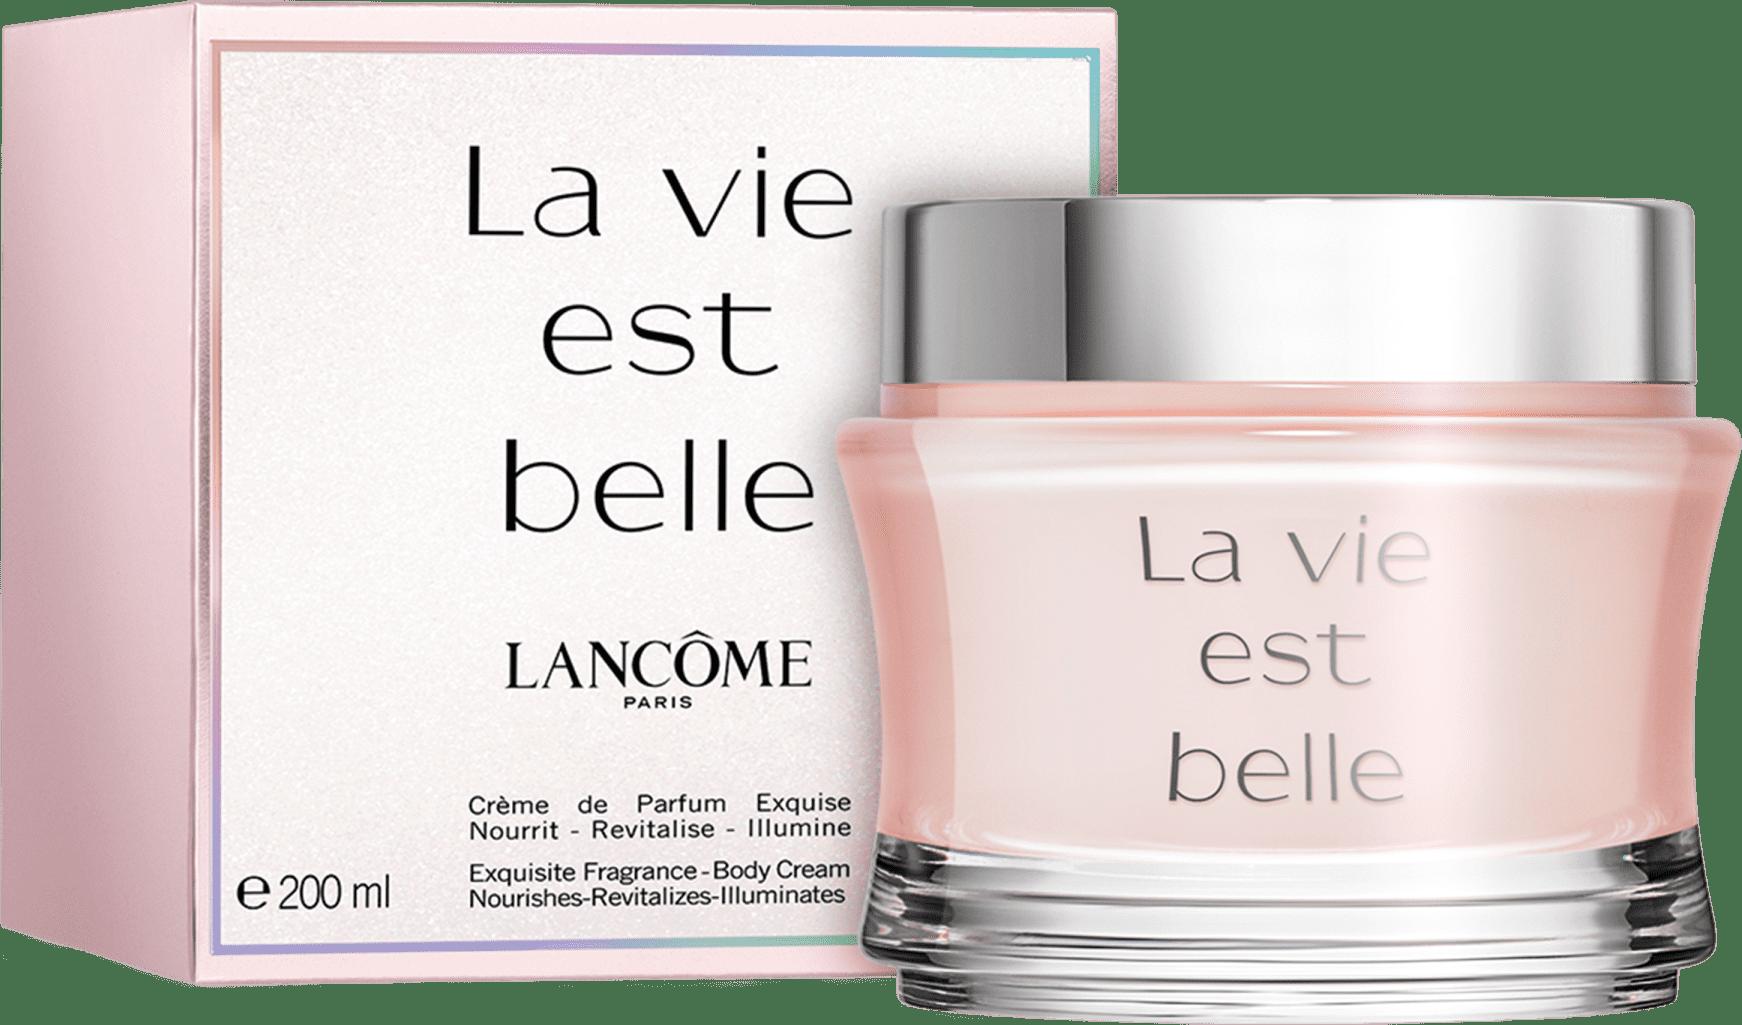 d88c134d3c Lancôme La Vie Est Belle - Creme Hidratante 200ml